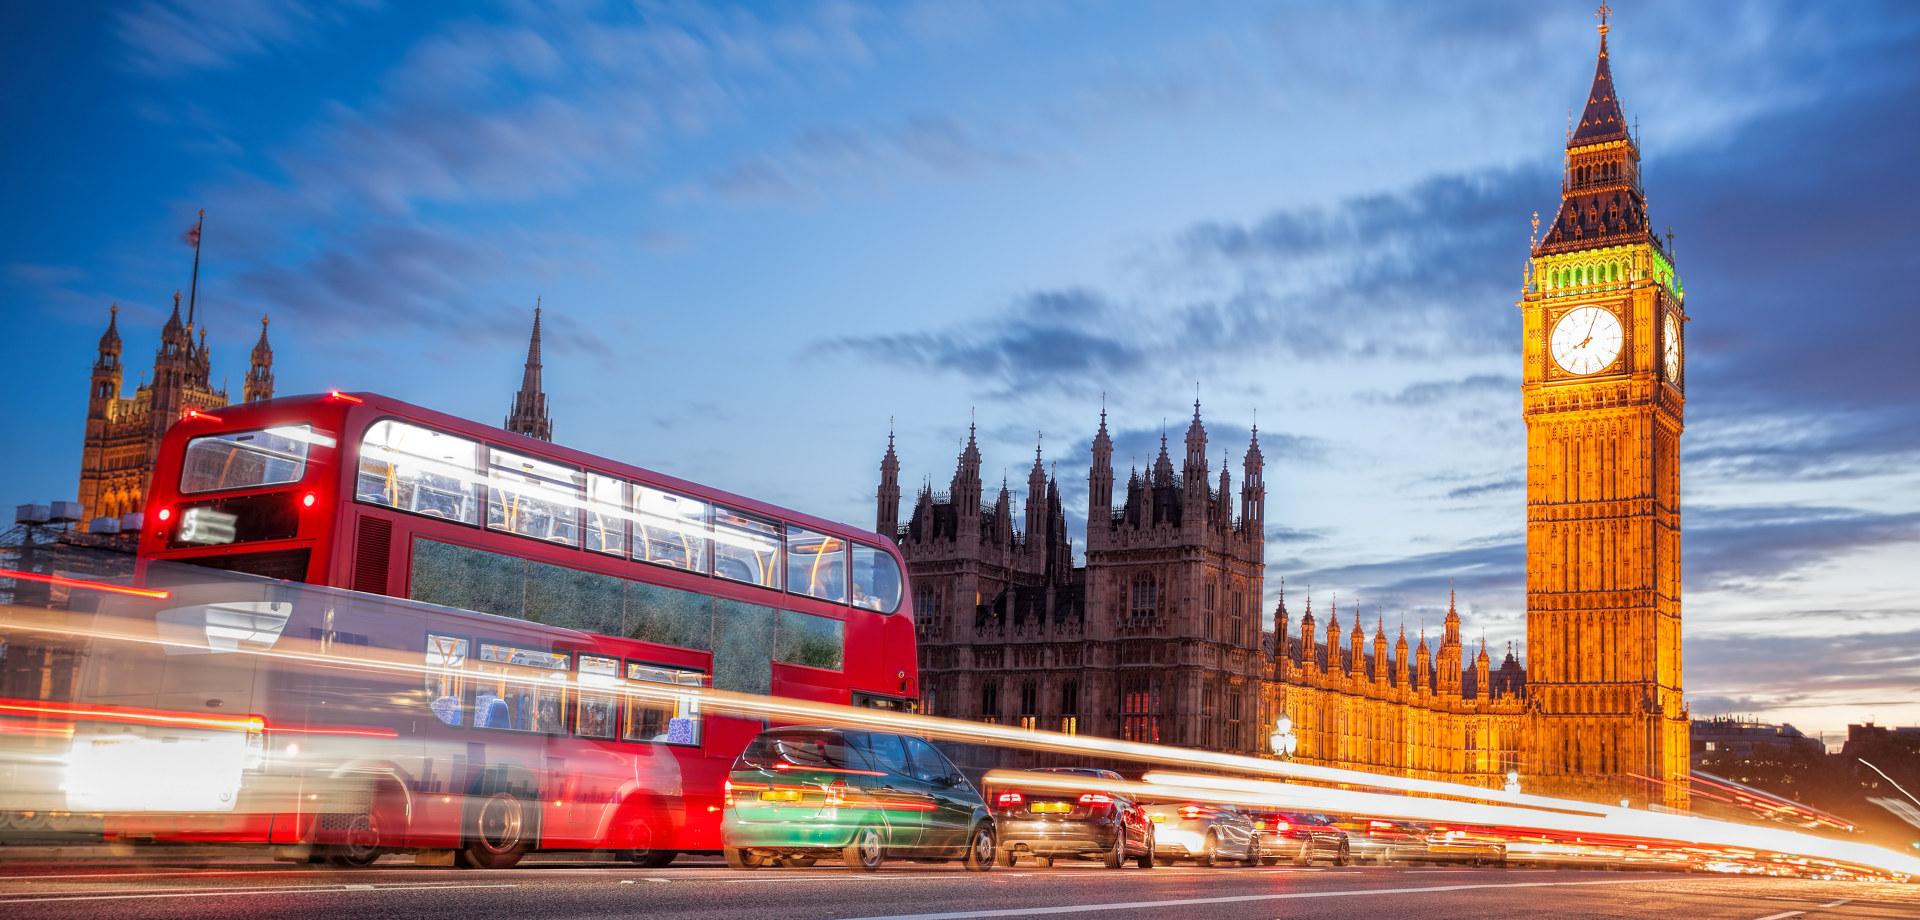 Buss kjører forbi Big Ben i London